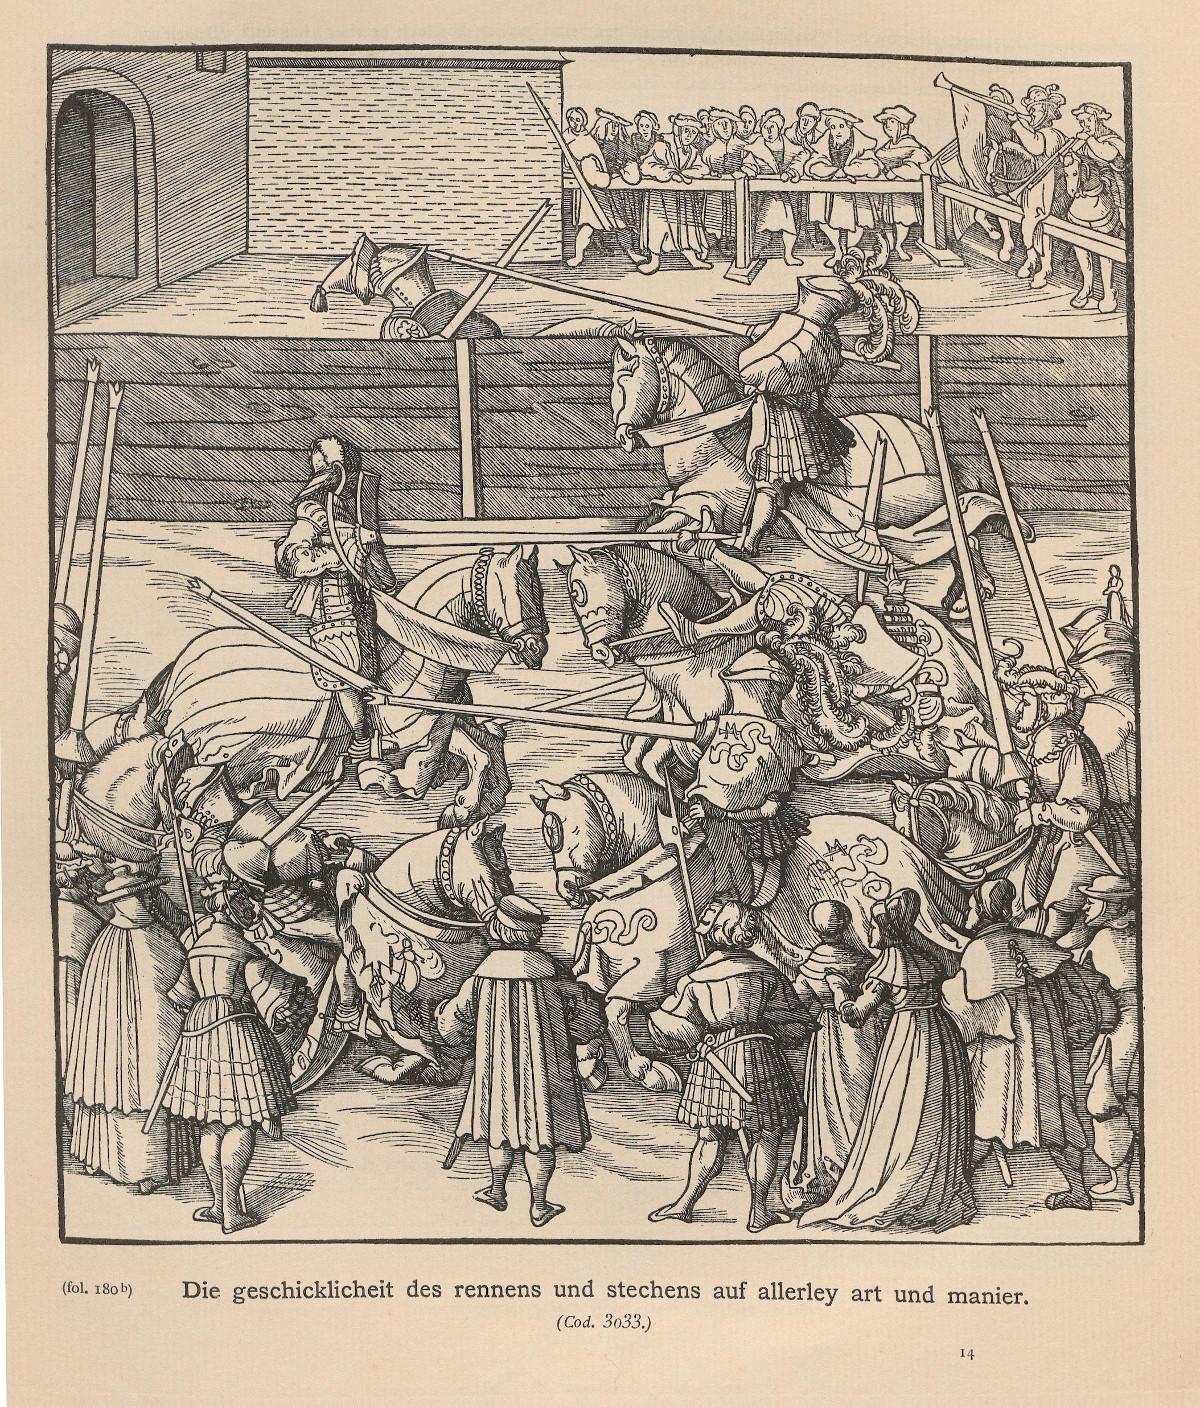 """1514, Cod. 3033, fol. 180b.<br> Bildunterschrift: """"Die geschicklichkeit des rennens und stechens auf allerley art und manier."""" <br>Quelle: <a href=""""https://digi.ub.uni-heidelberg.de/diglit/jbksak1888/0135"""">Heidelberger historische Bestände – digital</a>; ursprl. publiziert in: Jahrbuch der Kunsthistorischen Sammlungen des Allerhöchsten Kaiserhauses. Der Weisskunig. Wien 6.1888, S. 105. <br>Lizenz: <a href=""""https://creativecommons.org/licenses/by-sa/3.0/de/"""">Creative Commons BY-SA 3.0 DE</a>"""